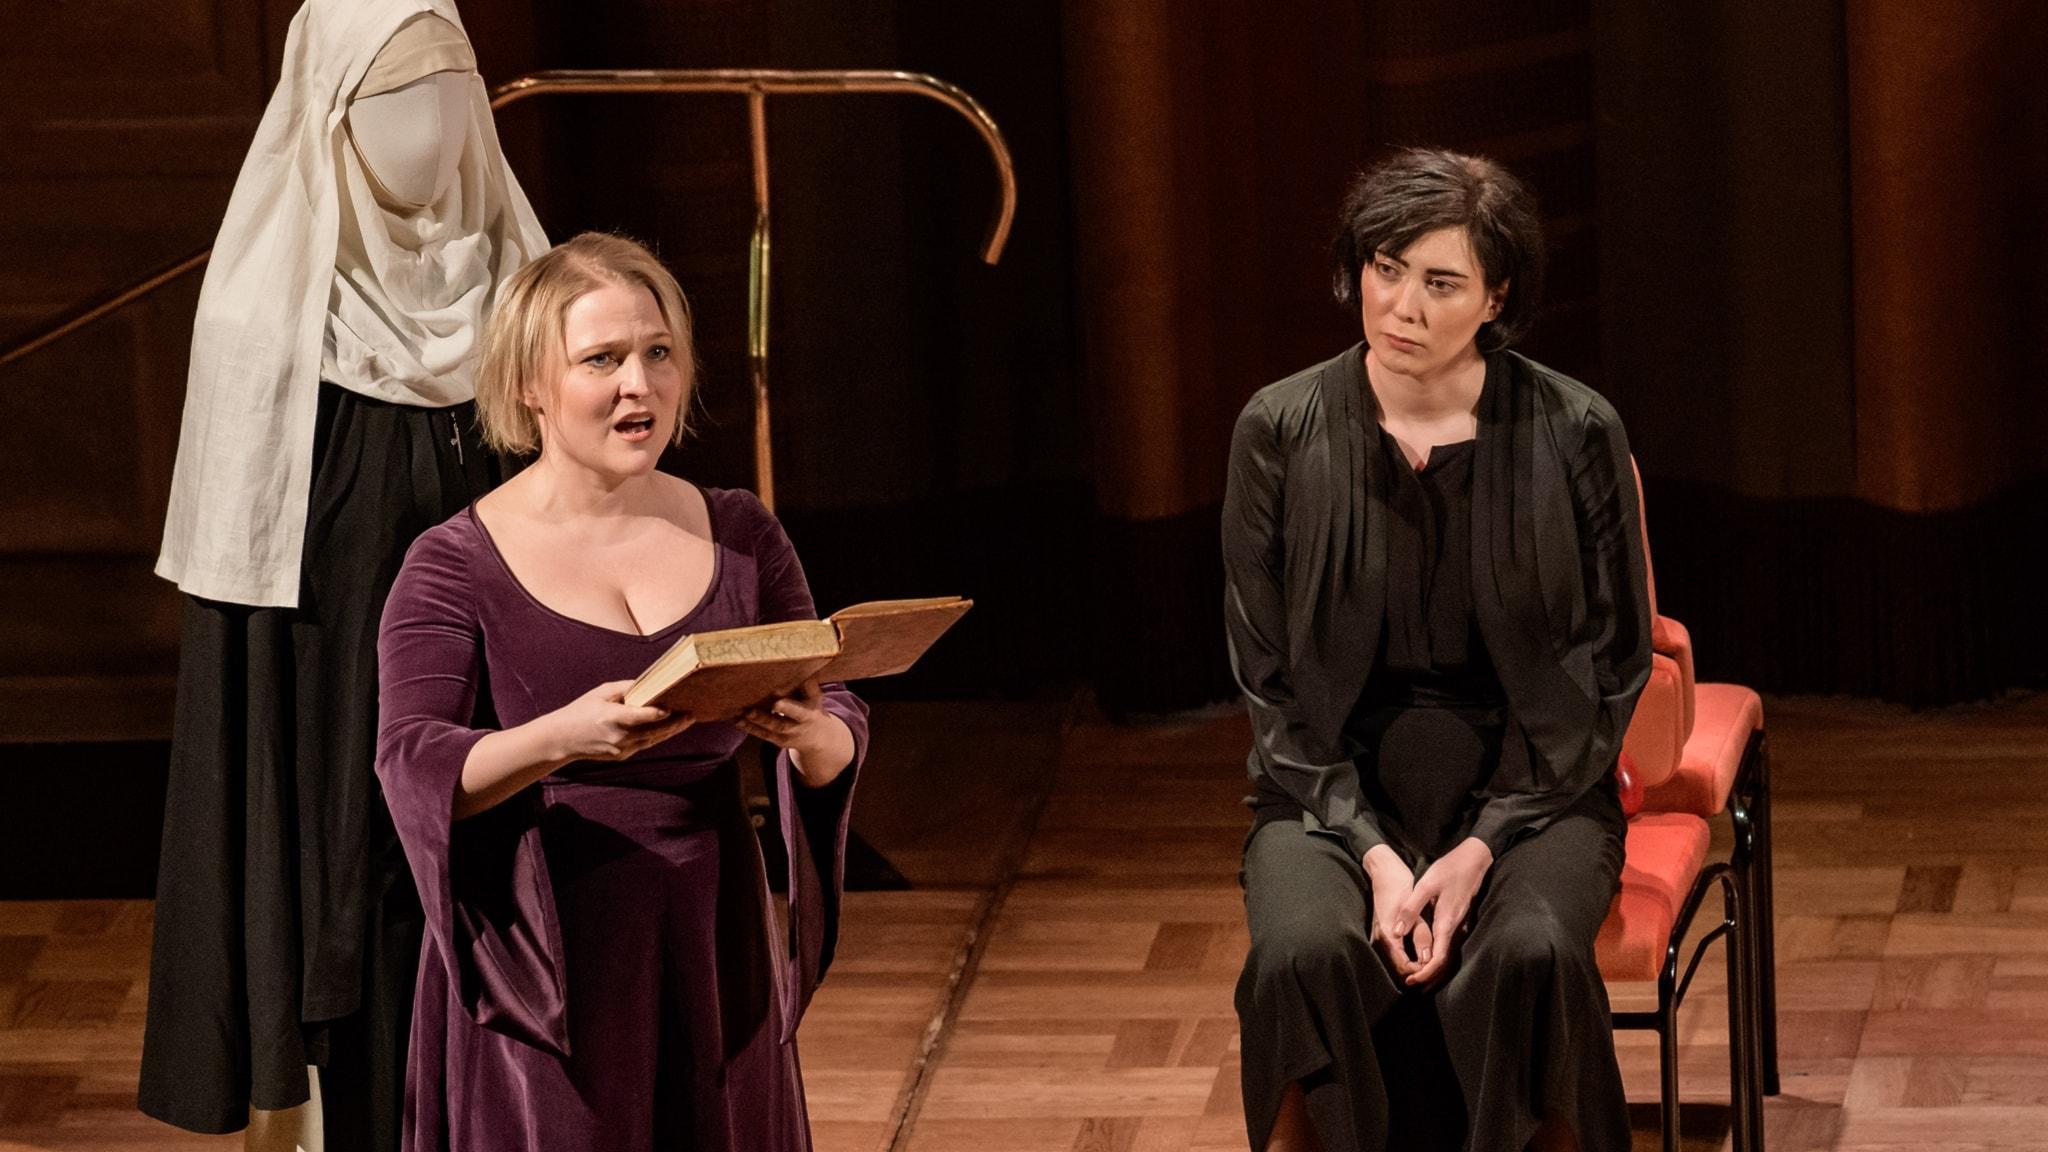 KONSERT: Mystikens systrar med Operabyrån